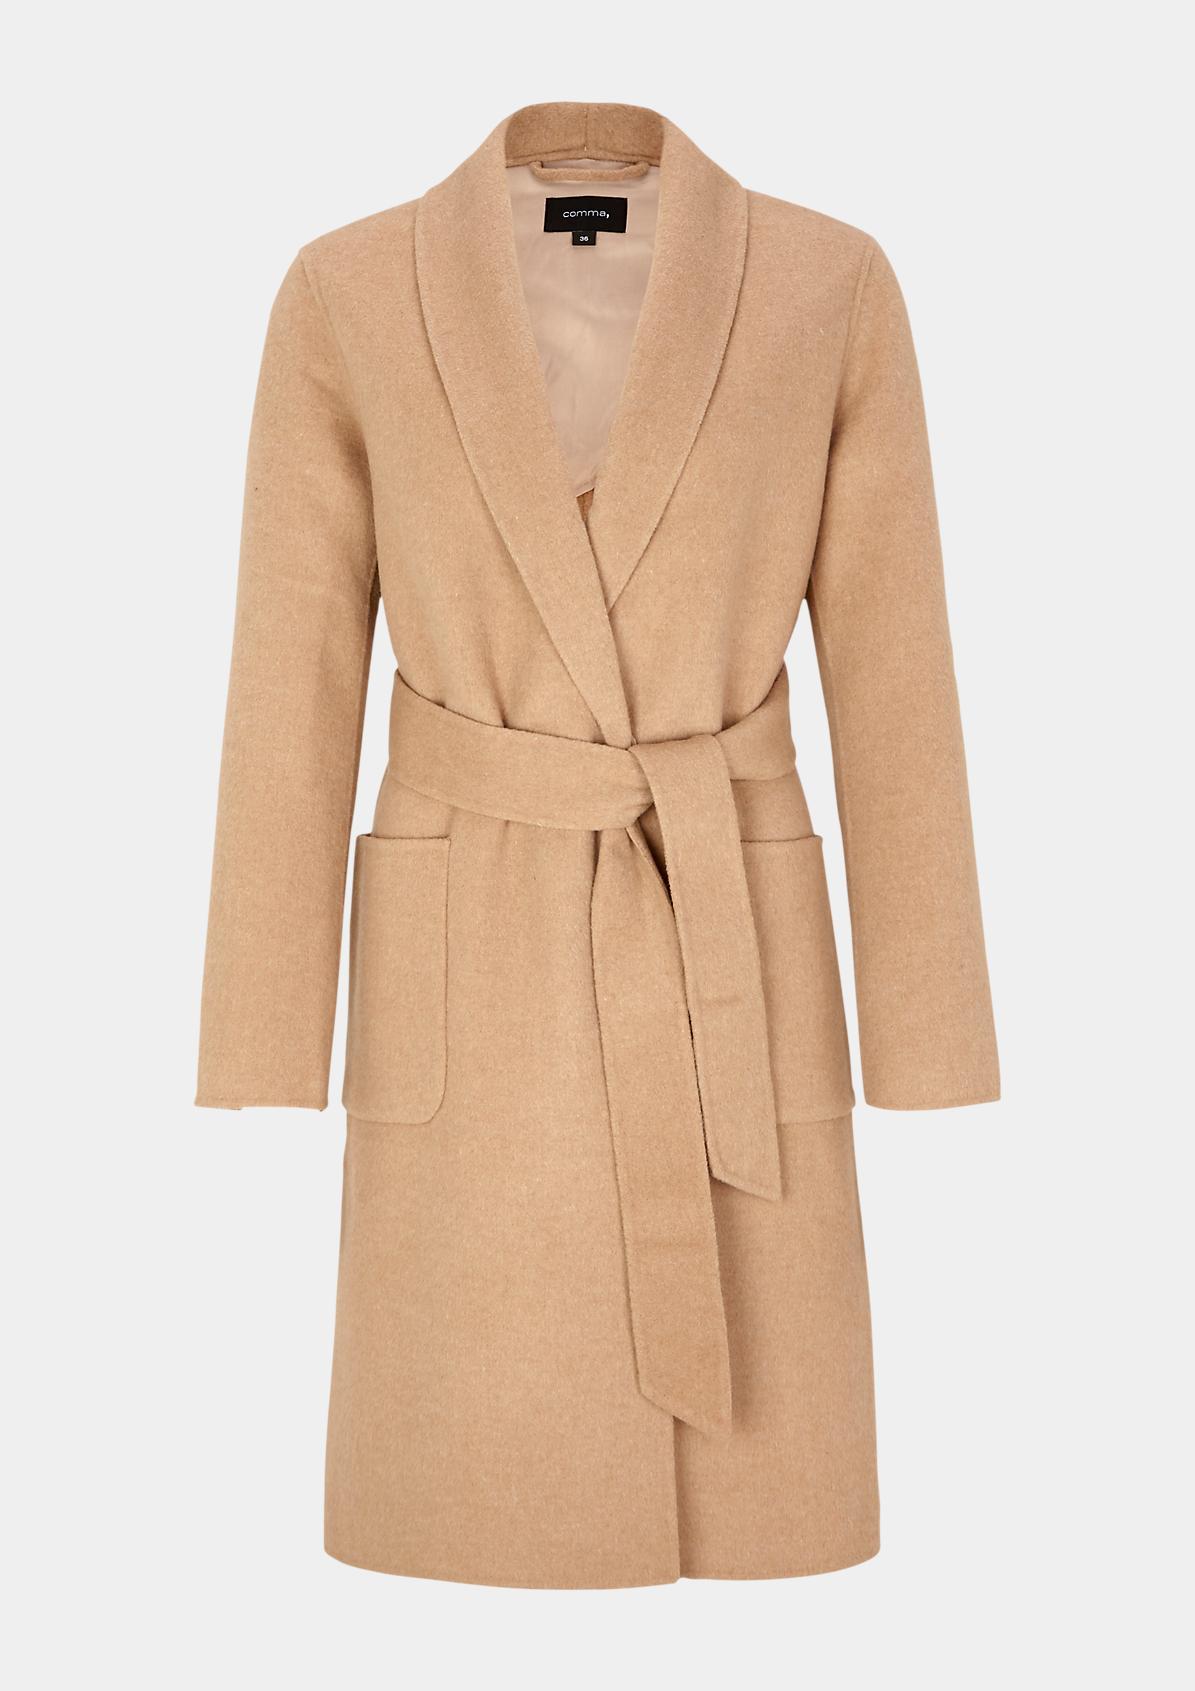 Mantel mit aufgesetzten Taschen